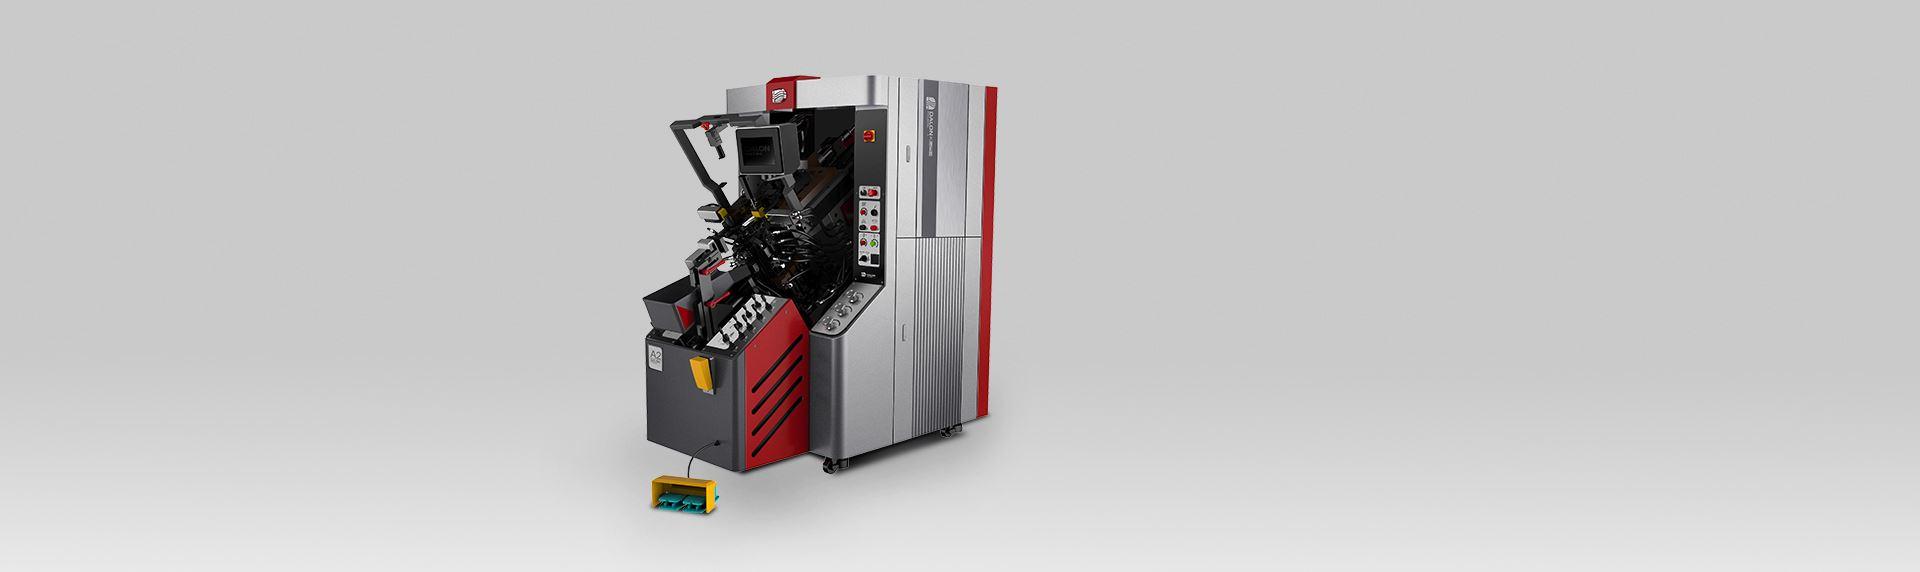 全球AU设计-电脑控制自动上胶前帮机